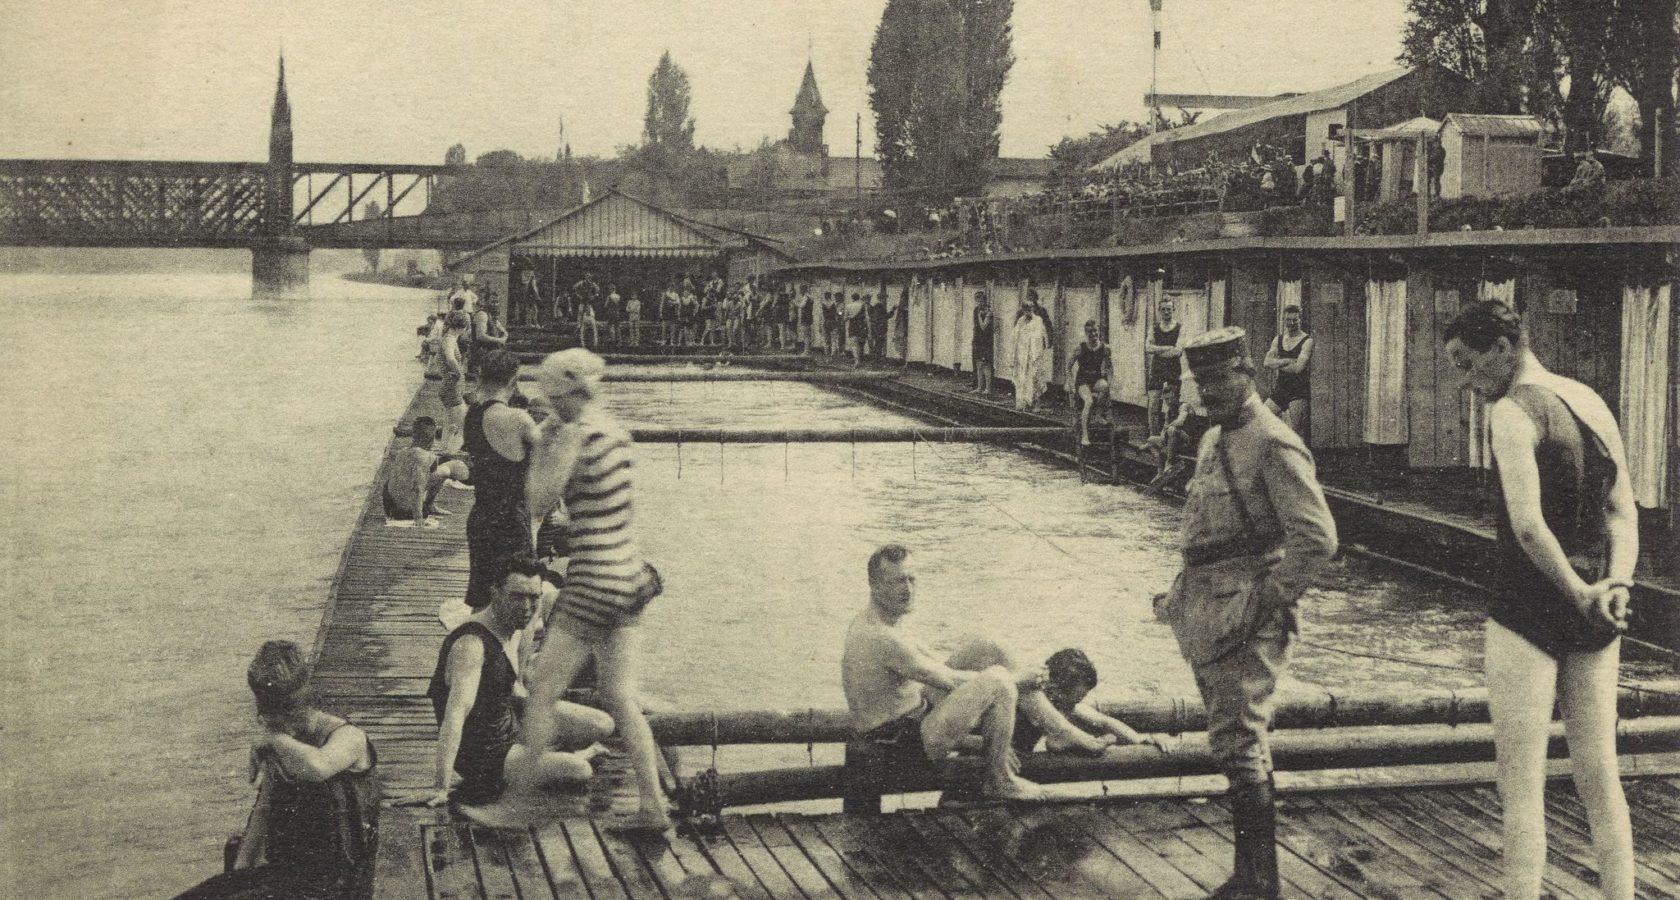 Les bains du Rhin (piscines sur le fleuve) à Strasbourg dans les années 1930 © AVES